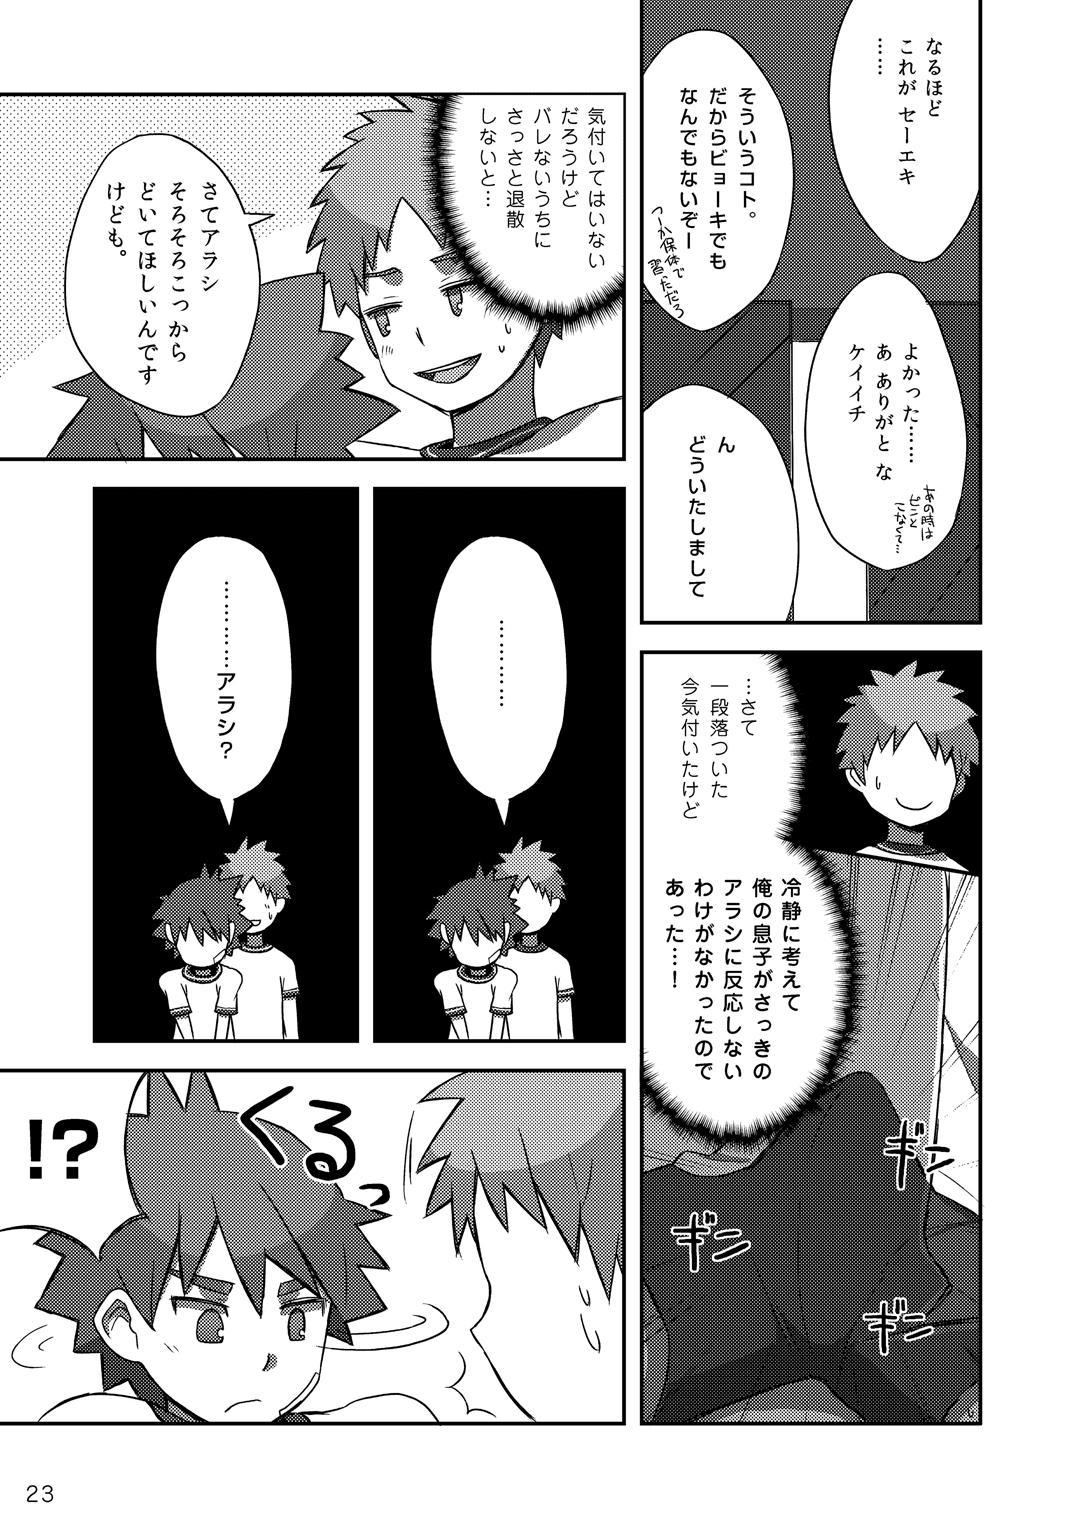 (Shota Scratch 18) [Drum-Kan (Kine)] Arashi-kun to Keiichi-kun. 22